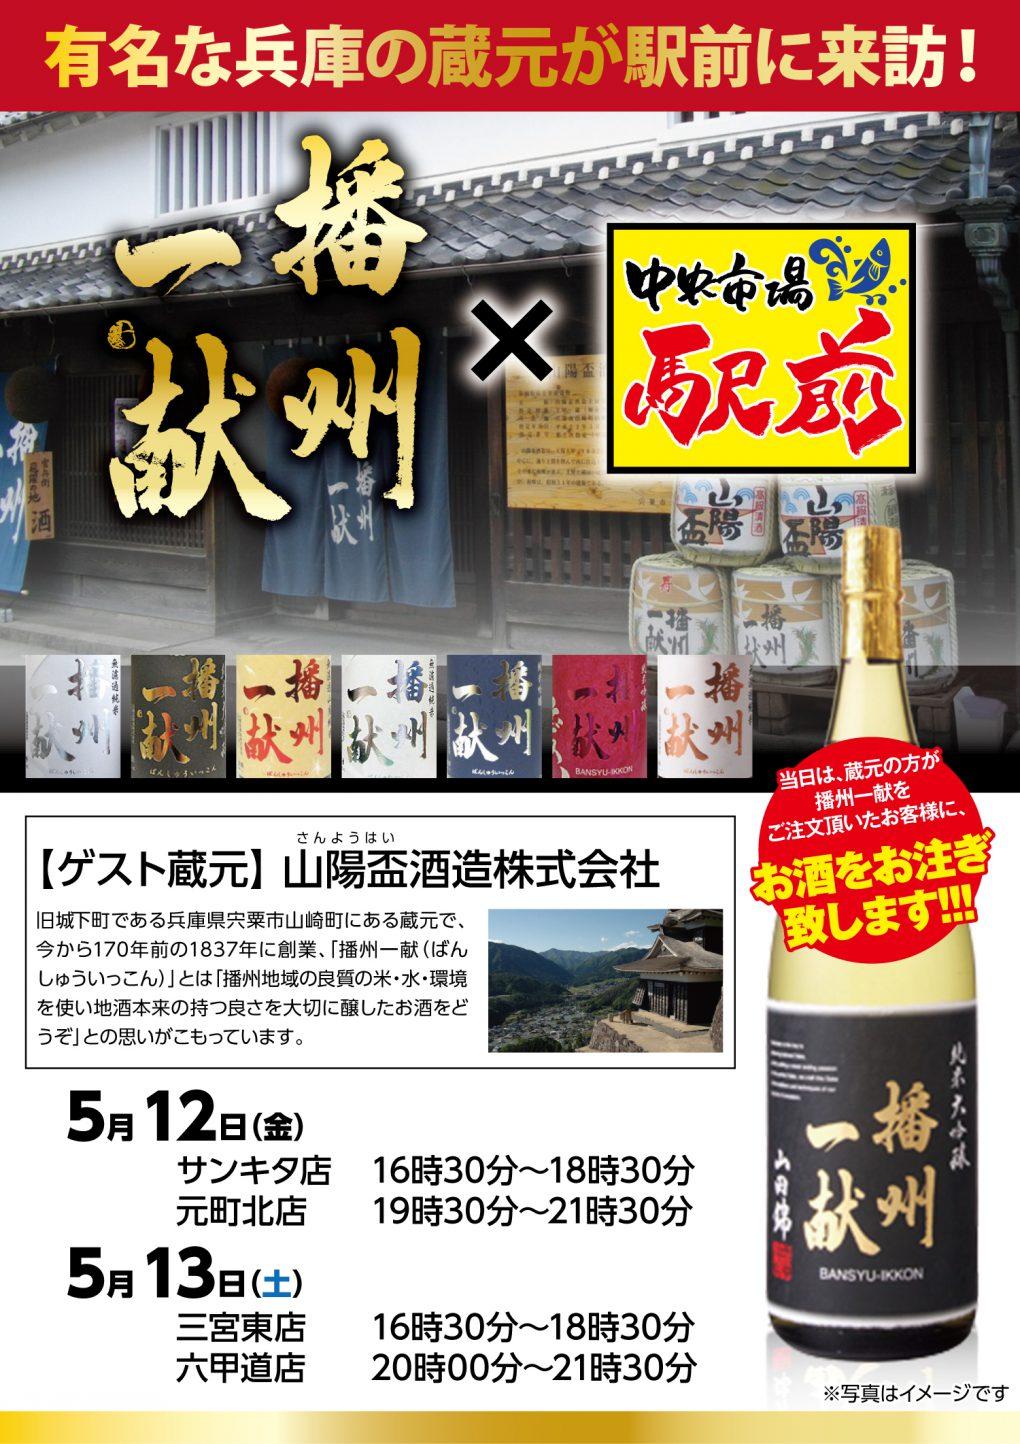 5月12日、13日の2日間「播州一献」の蔵元さんをお招きしたイベントを開催致します!